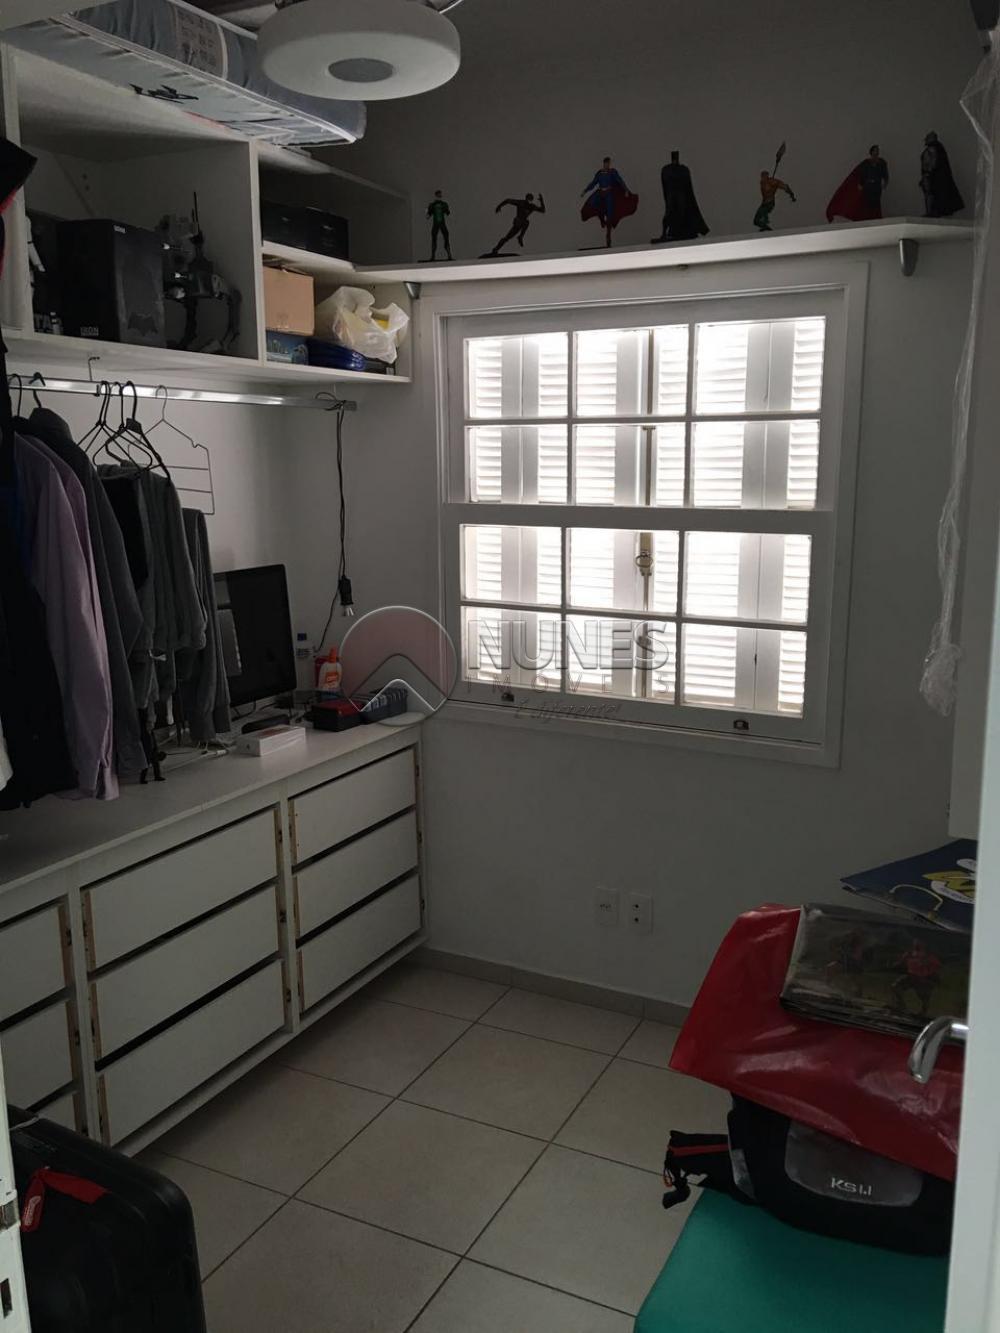 Comprar Casa / Sobrado em Condominio em São Paulo apenas R$ 450.000,00 - Foto 6